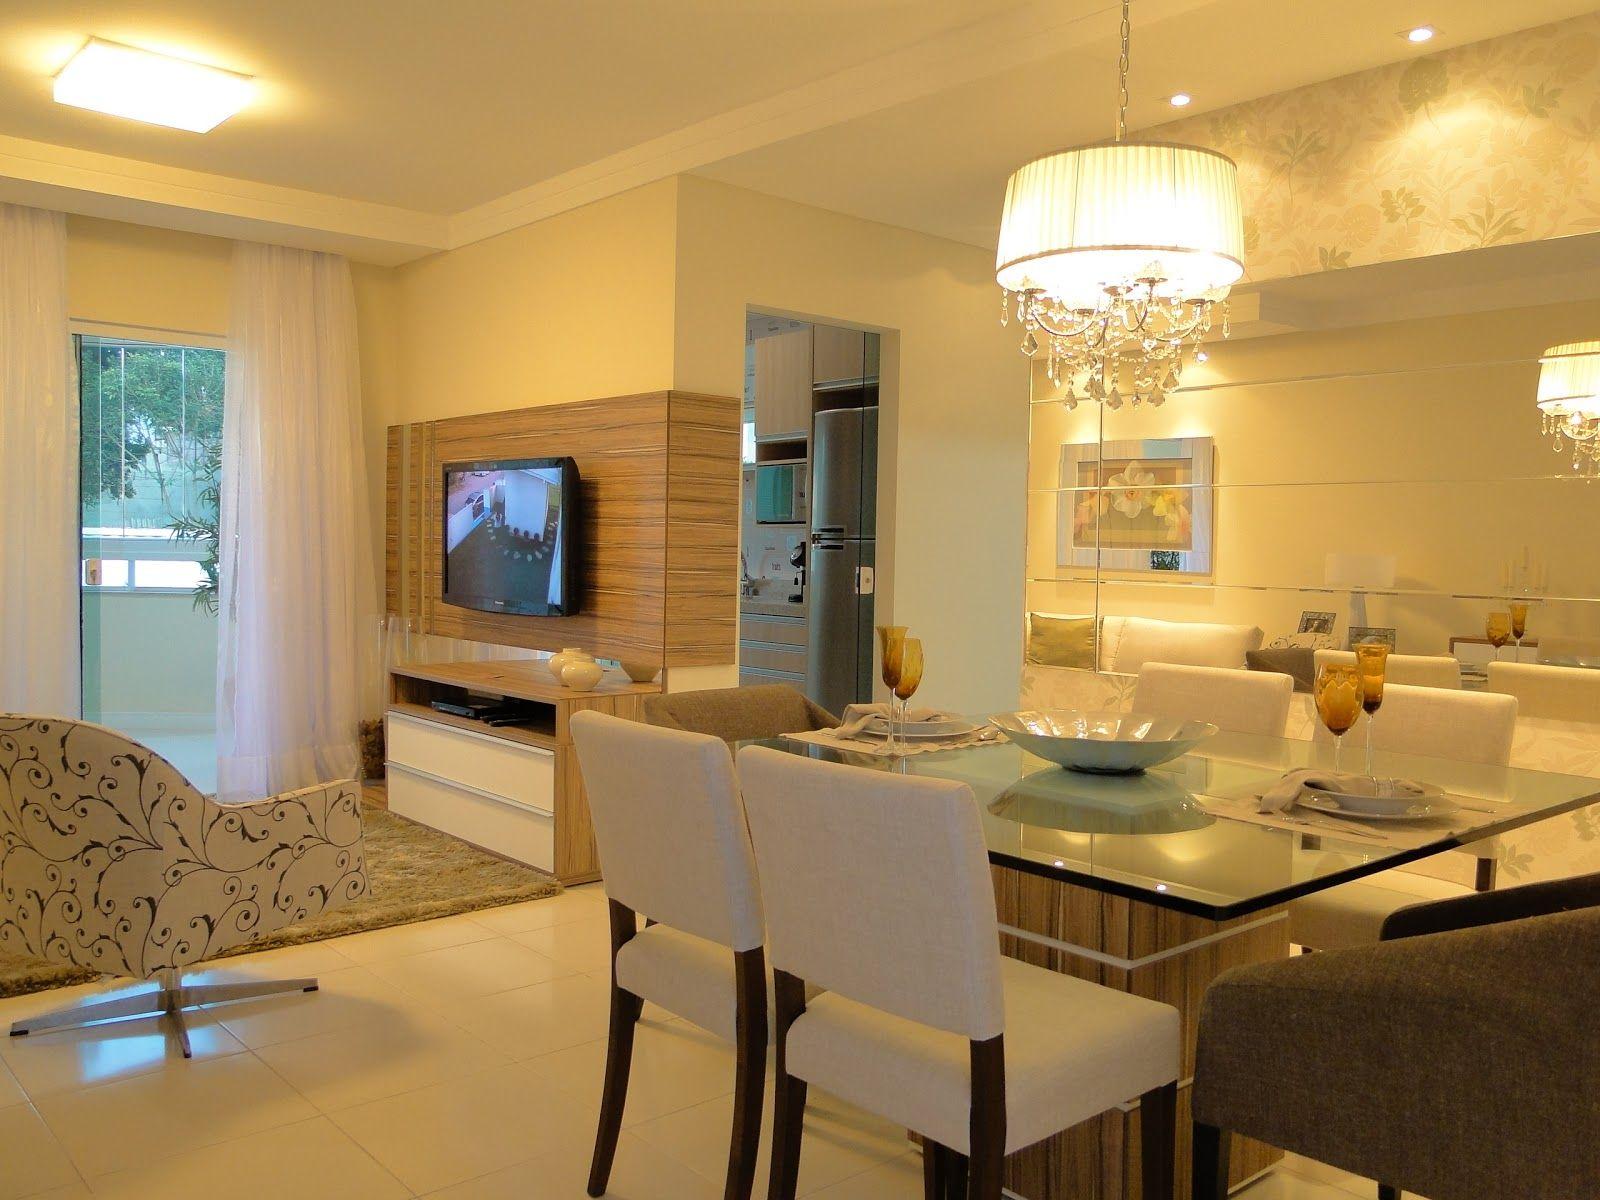 Kleine esszimmer ideen grau sala decorada com espelho em frente à mesa de jantar  homesala